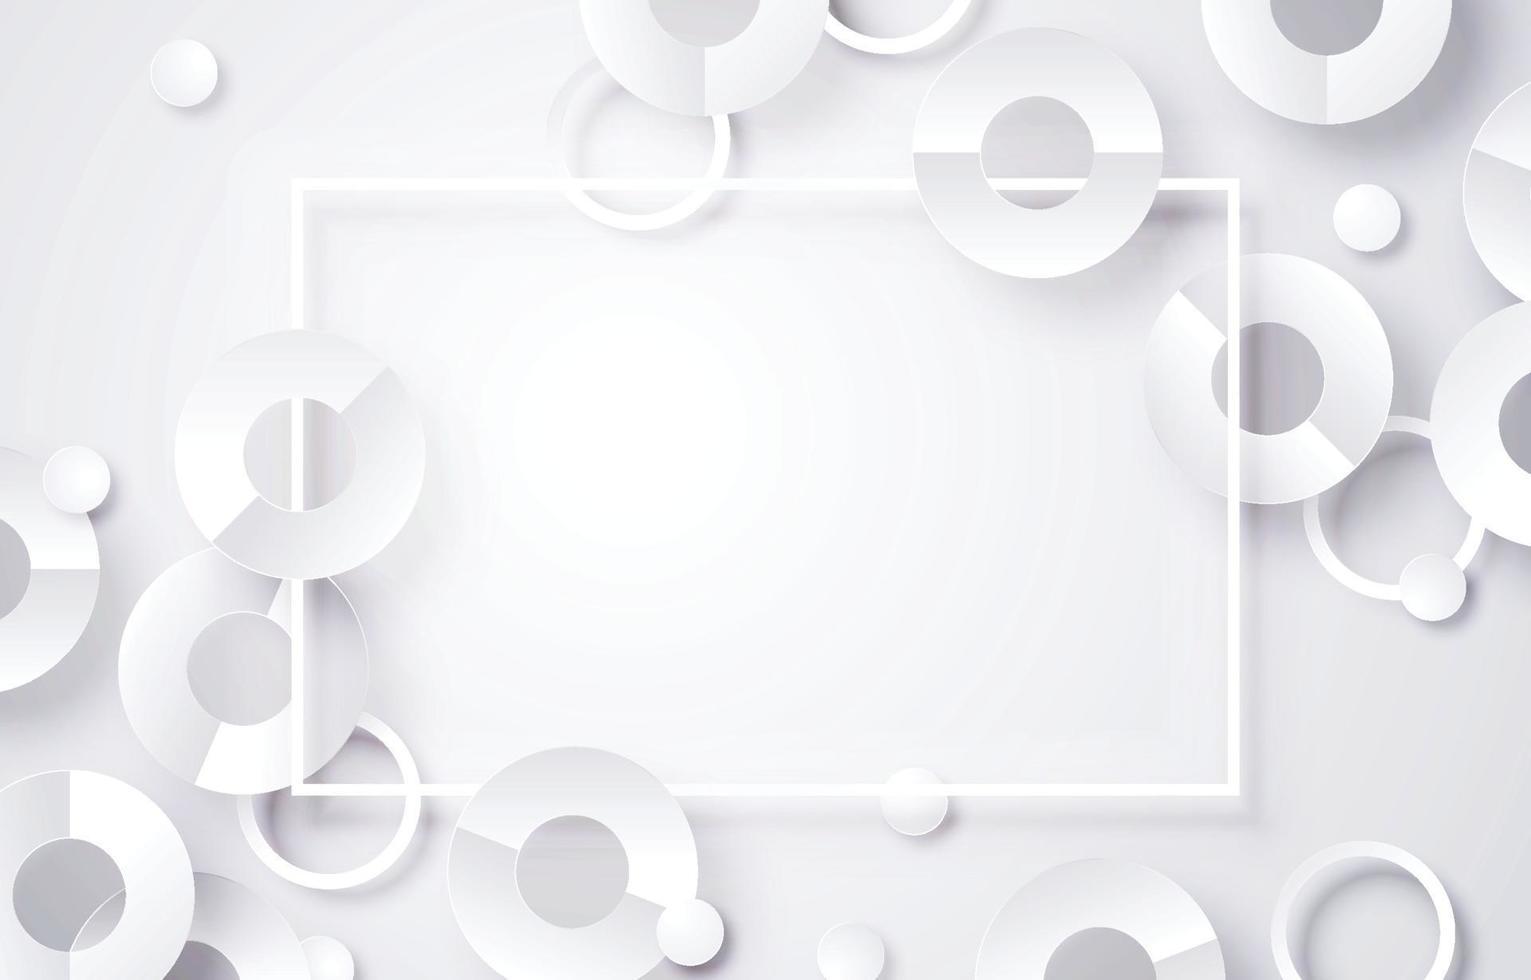 abstrakter weißer Rahmenhintergrund vektor